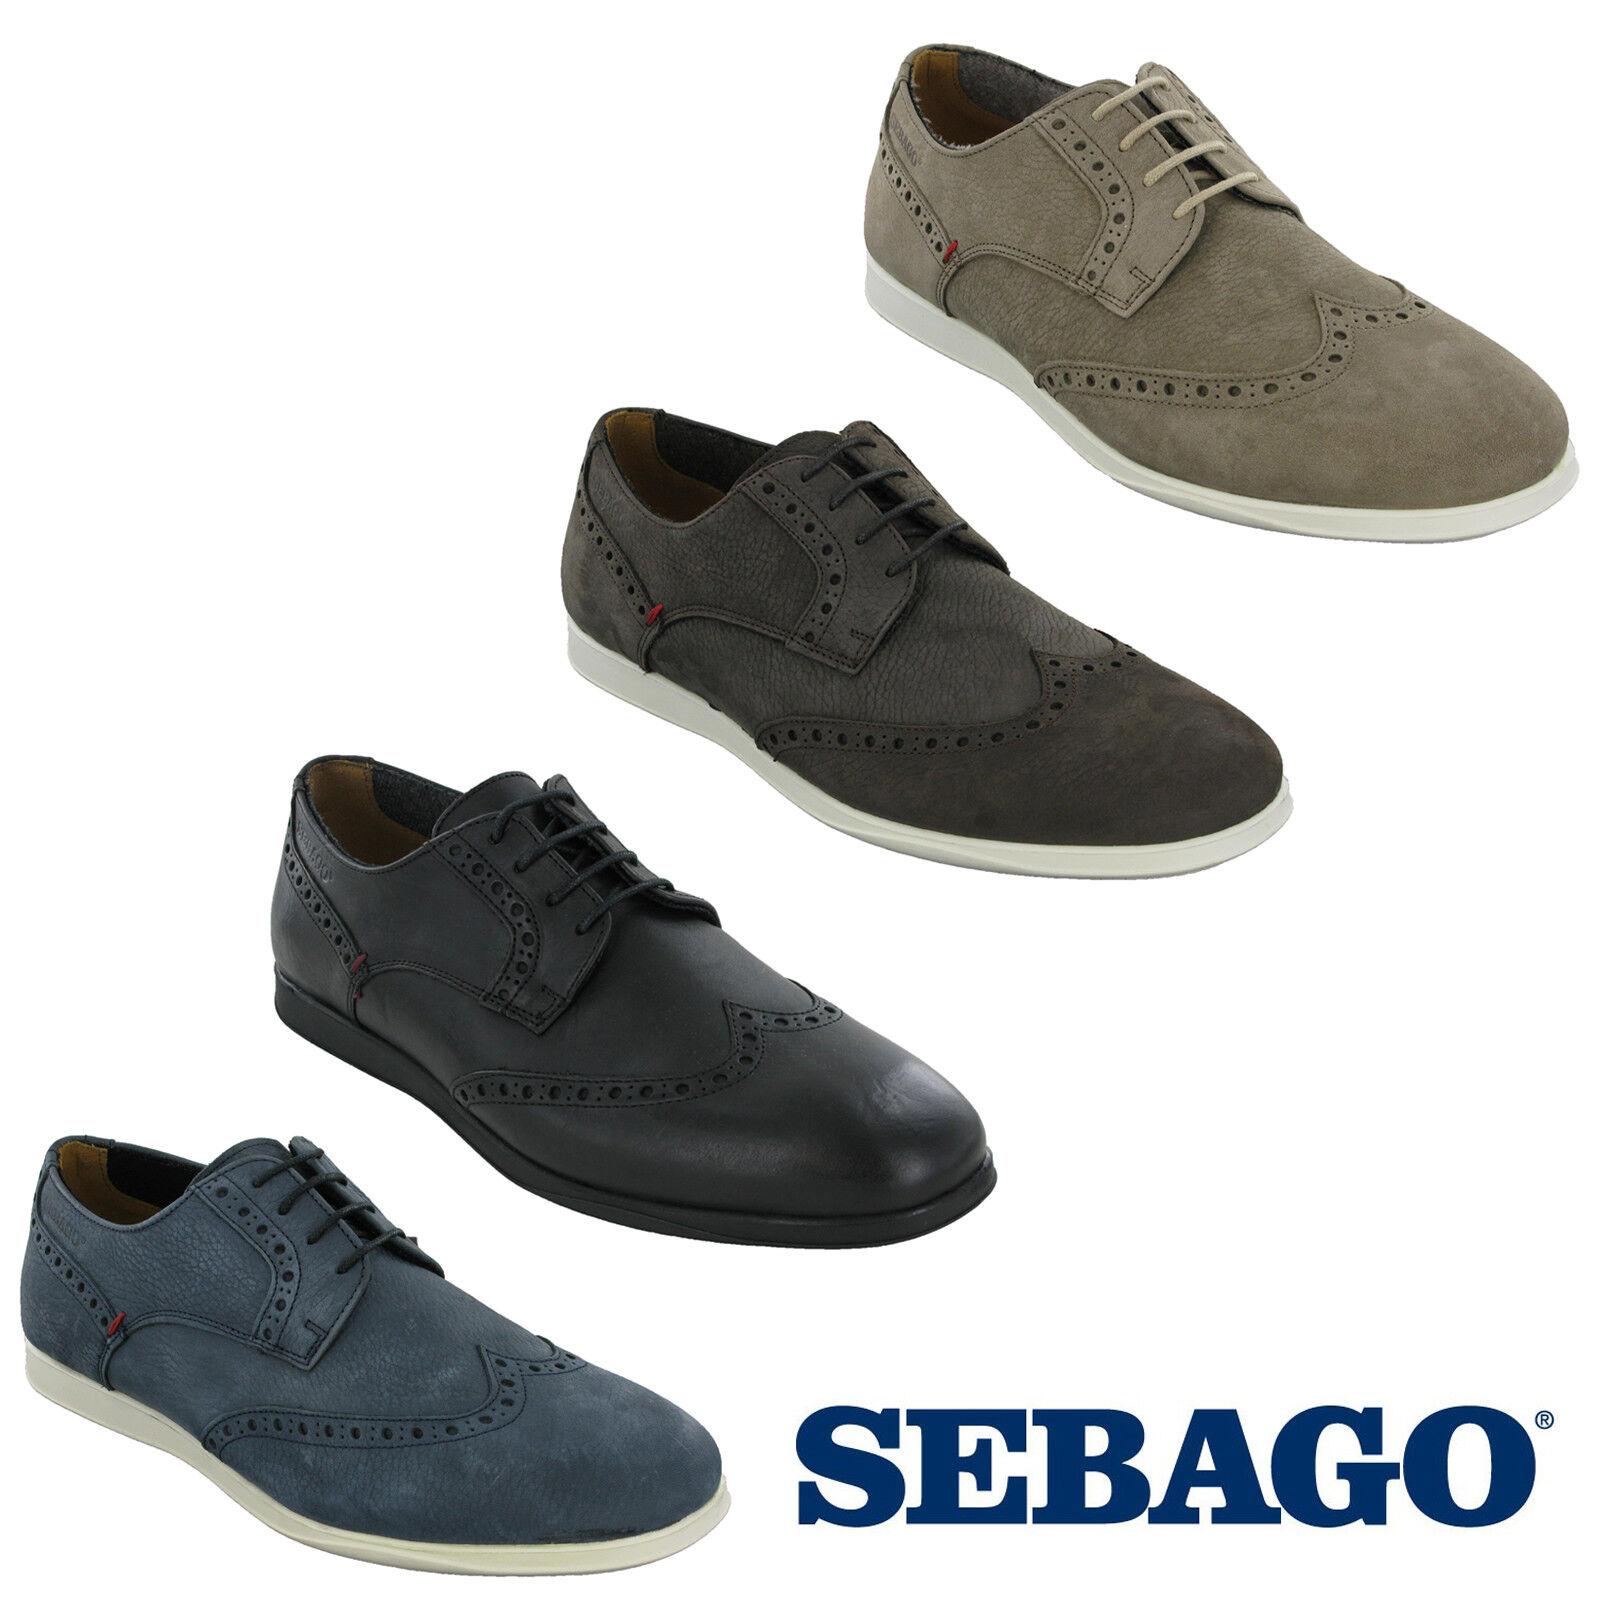 Zapatos De Cuero Sebago Reid Wing Punta Para hombre Informal Corte Bajo Entrenadores Inteligente UK8-10.5